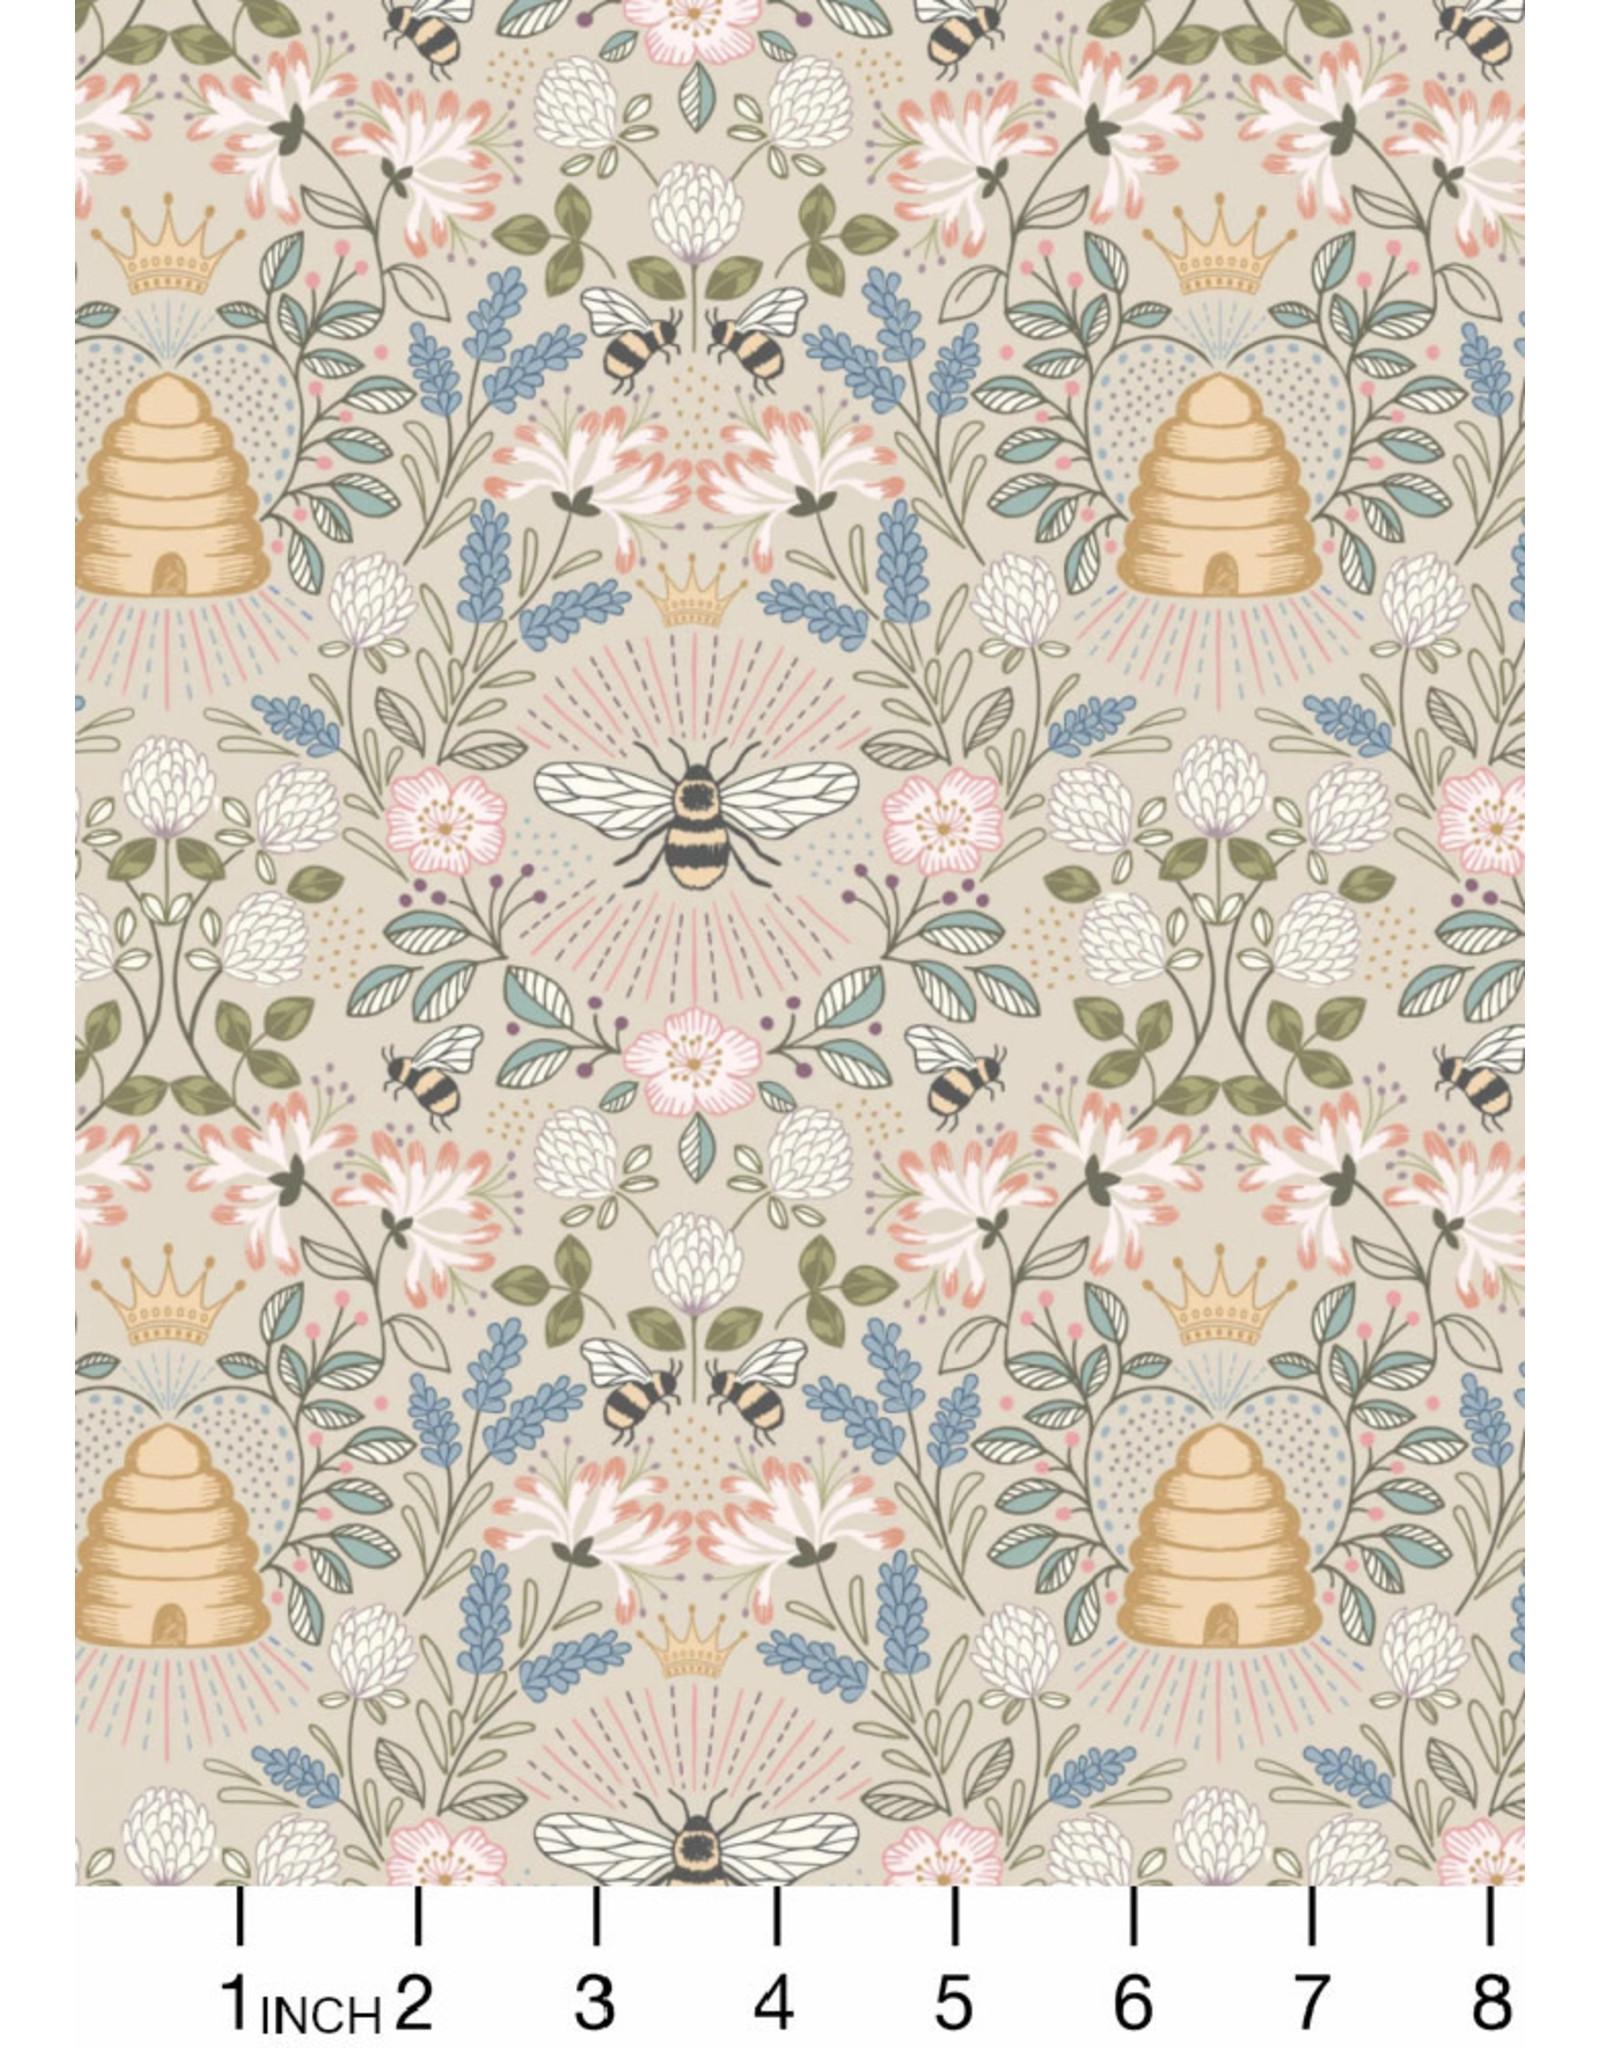 Lewis & Irene Queen Bee, Bee Hive on Dark Cream, Fabric Half-Yards